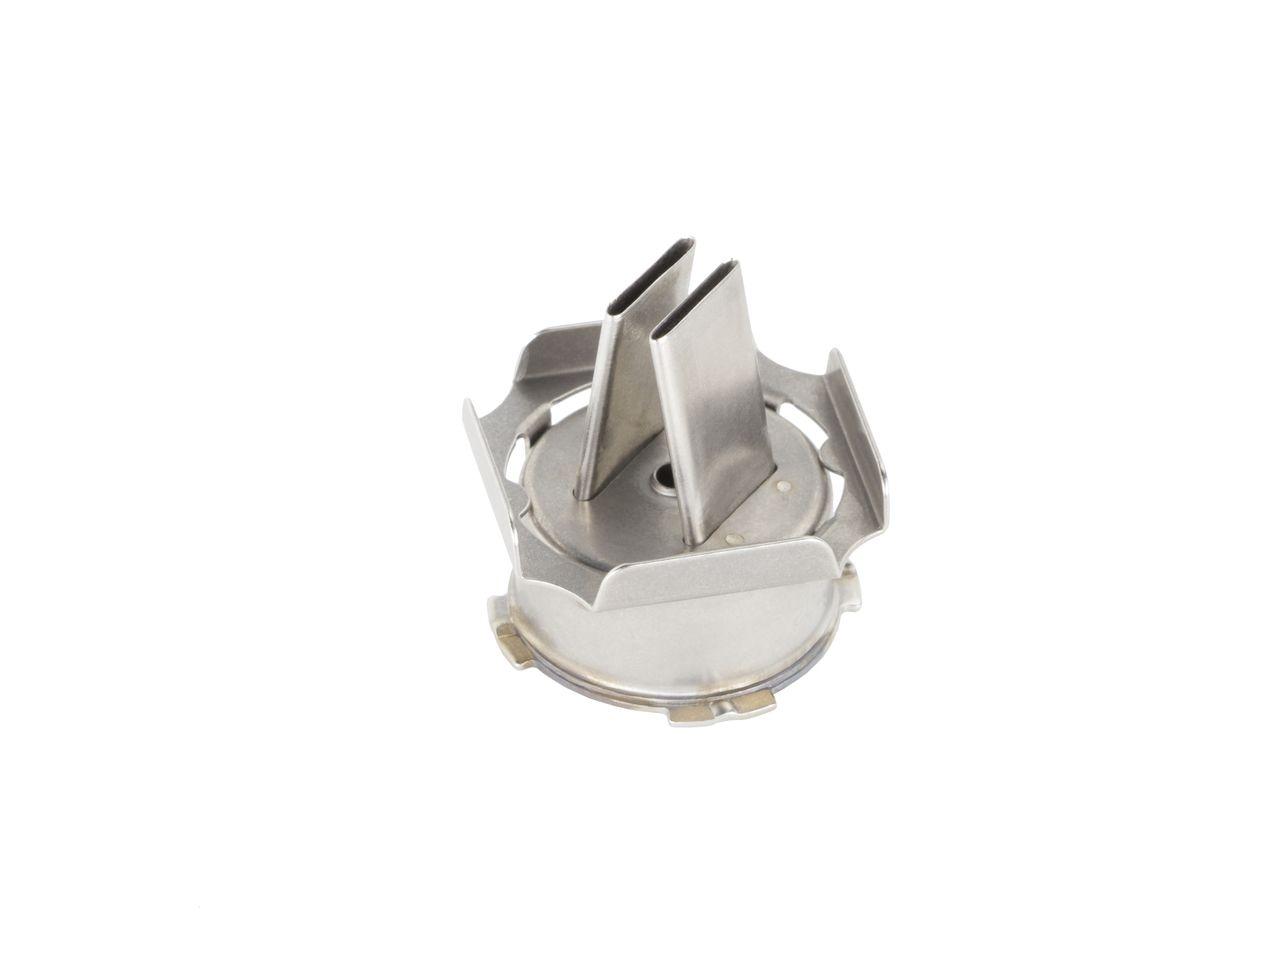 4028-4002 Bocal para SOIC 14/16 pinos de 4.1mm X 10.9mm para ST300/325